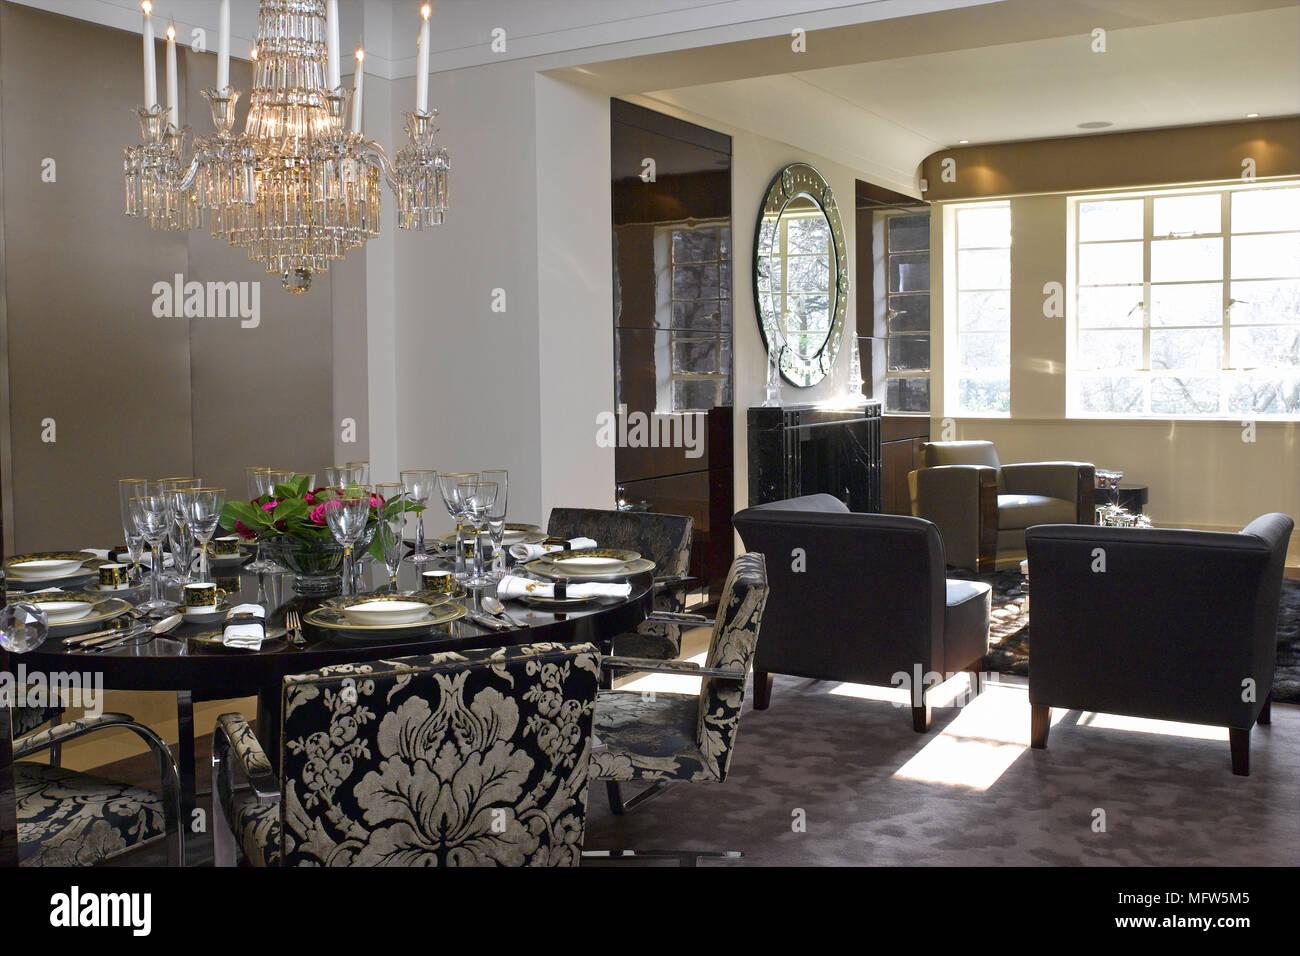 Une salle moderne avec un grand lustre suspendu au-dessus d\'une ...